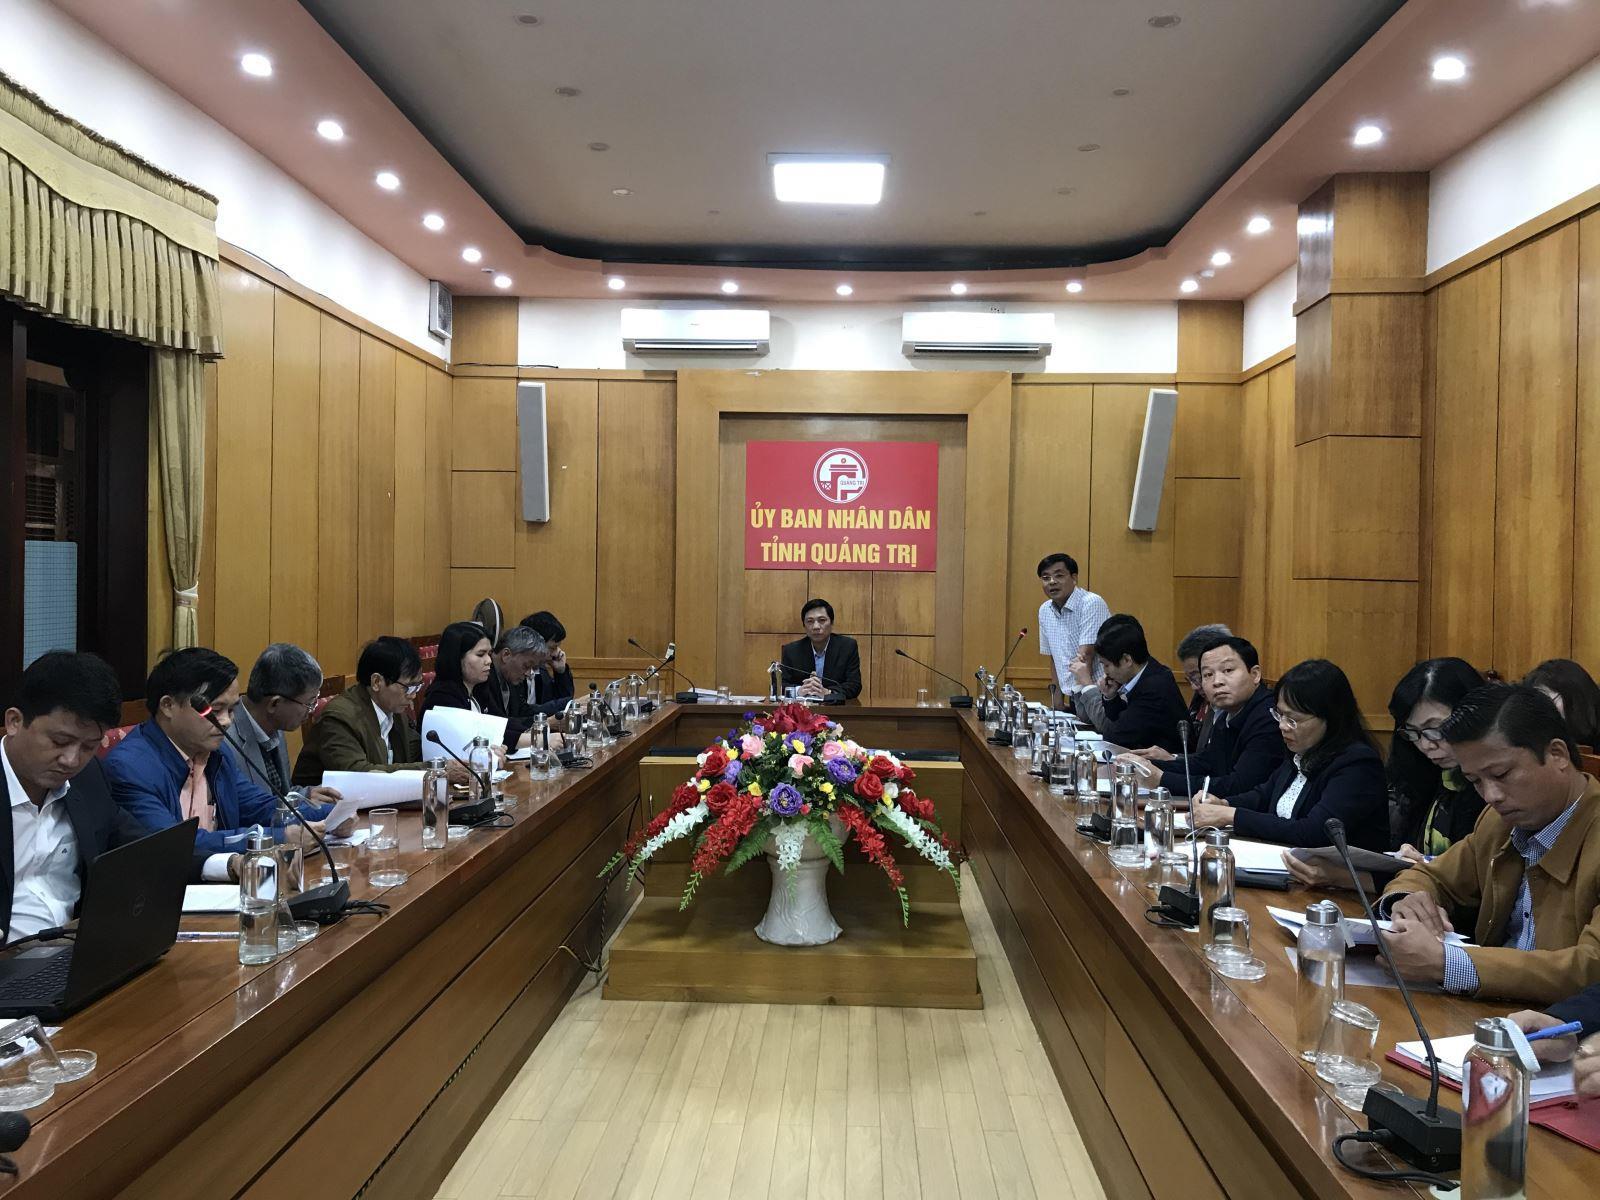 UBND tỉnh nghe báo cáo một số nhiệm vụ trong năm 2020 của ngành Văn hoá, Thể thao và Du lịch